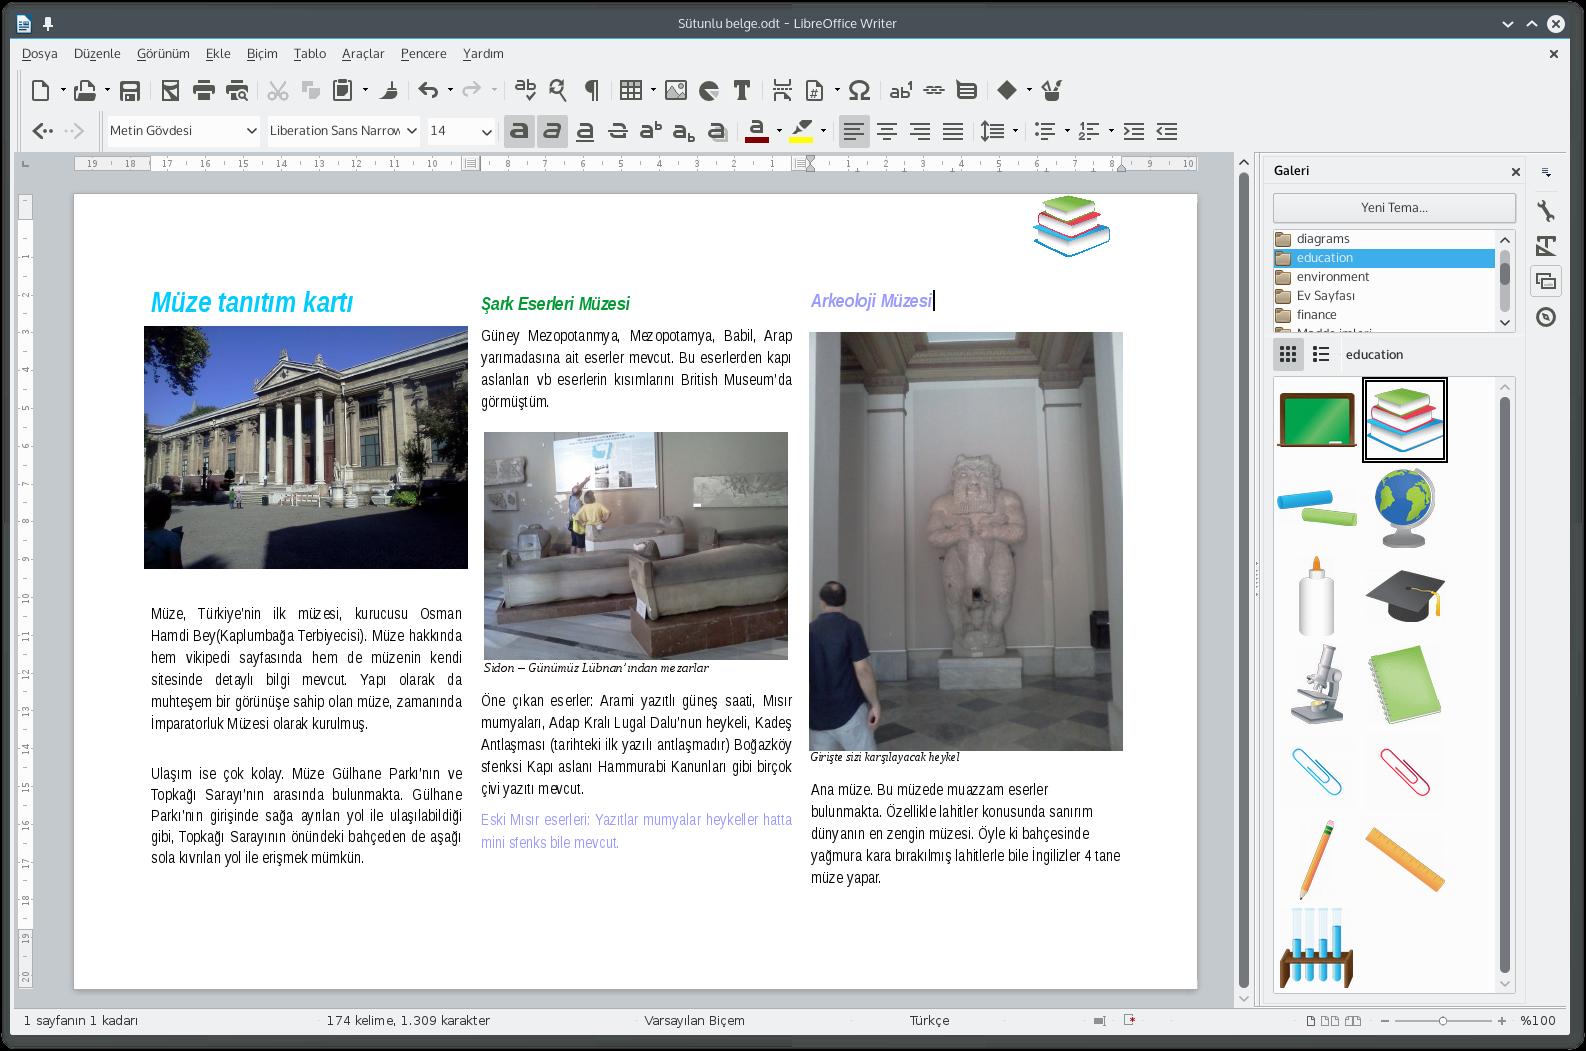 Oluşturduğum sütunlu belge ve LibreOffice'in yeni görünüşü